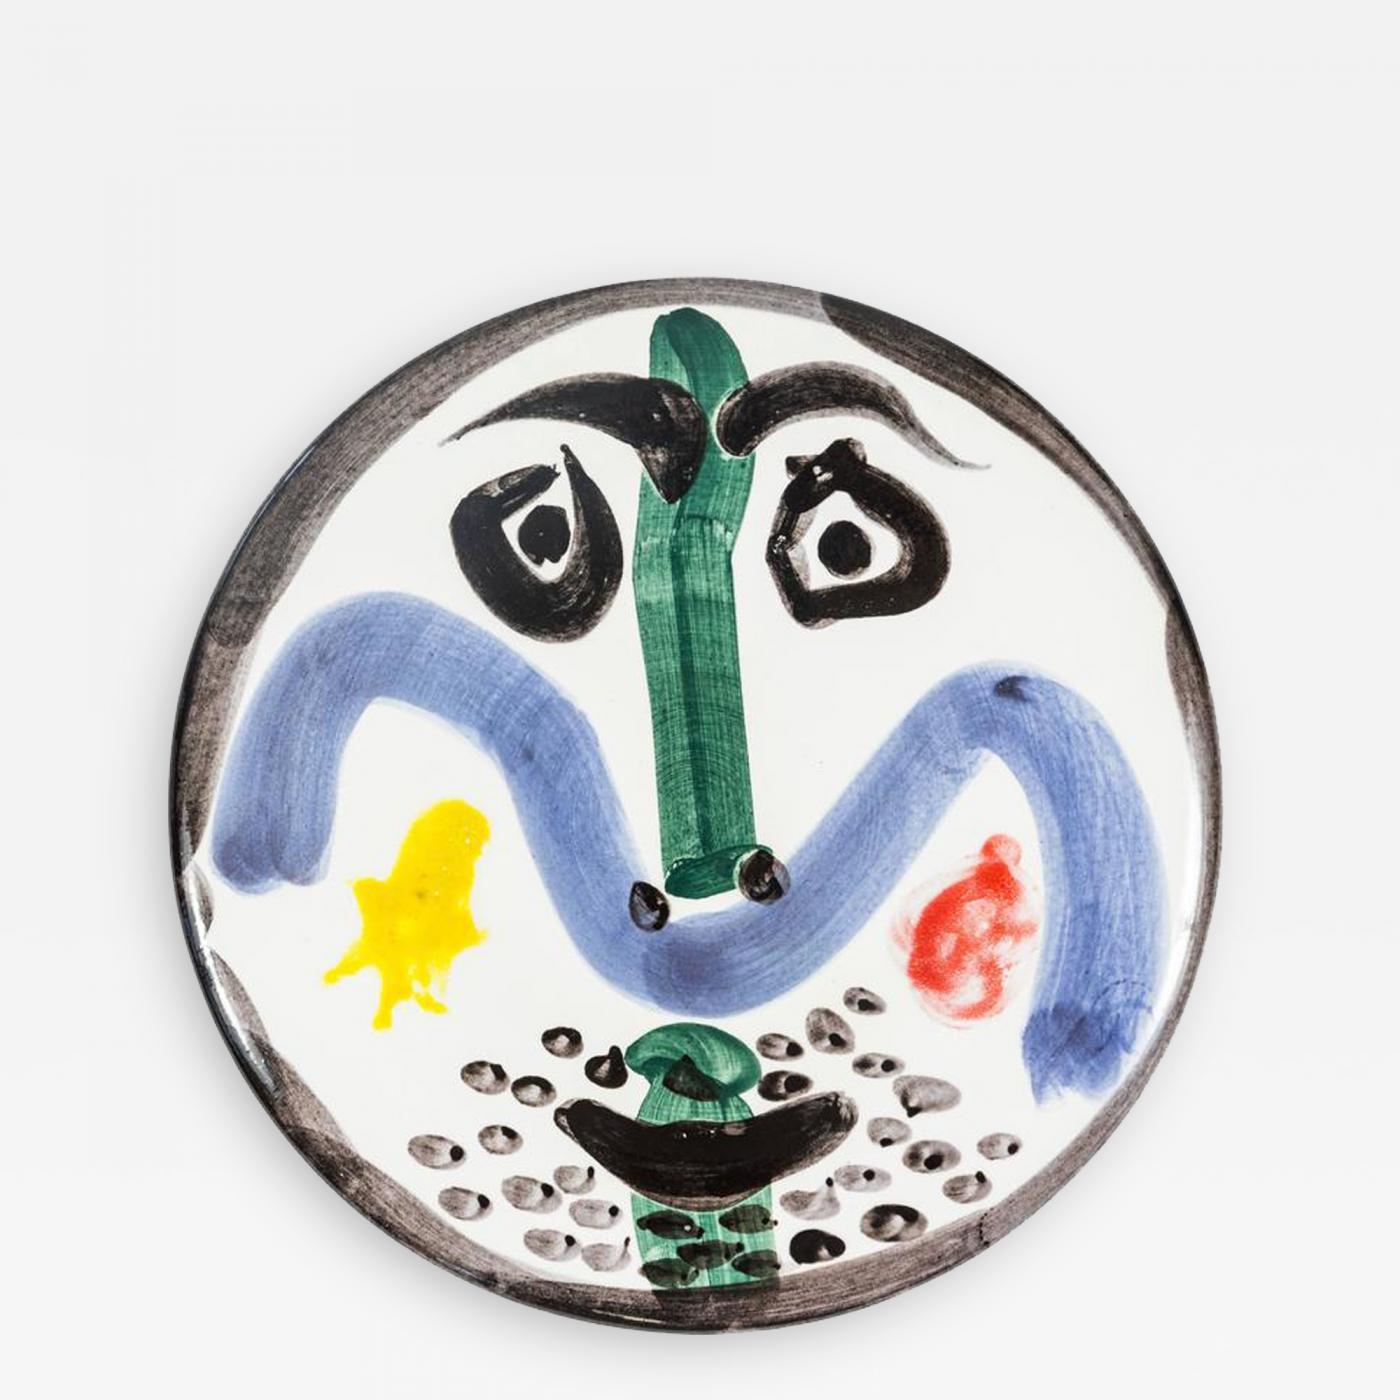 Pablo Picasso Fantastic Visage No 130 Madoura Ceramic